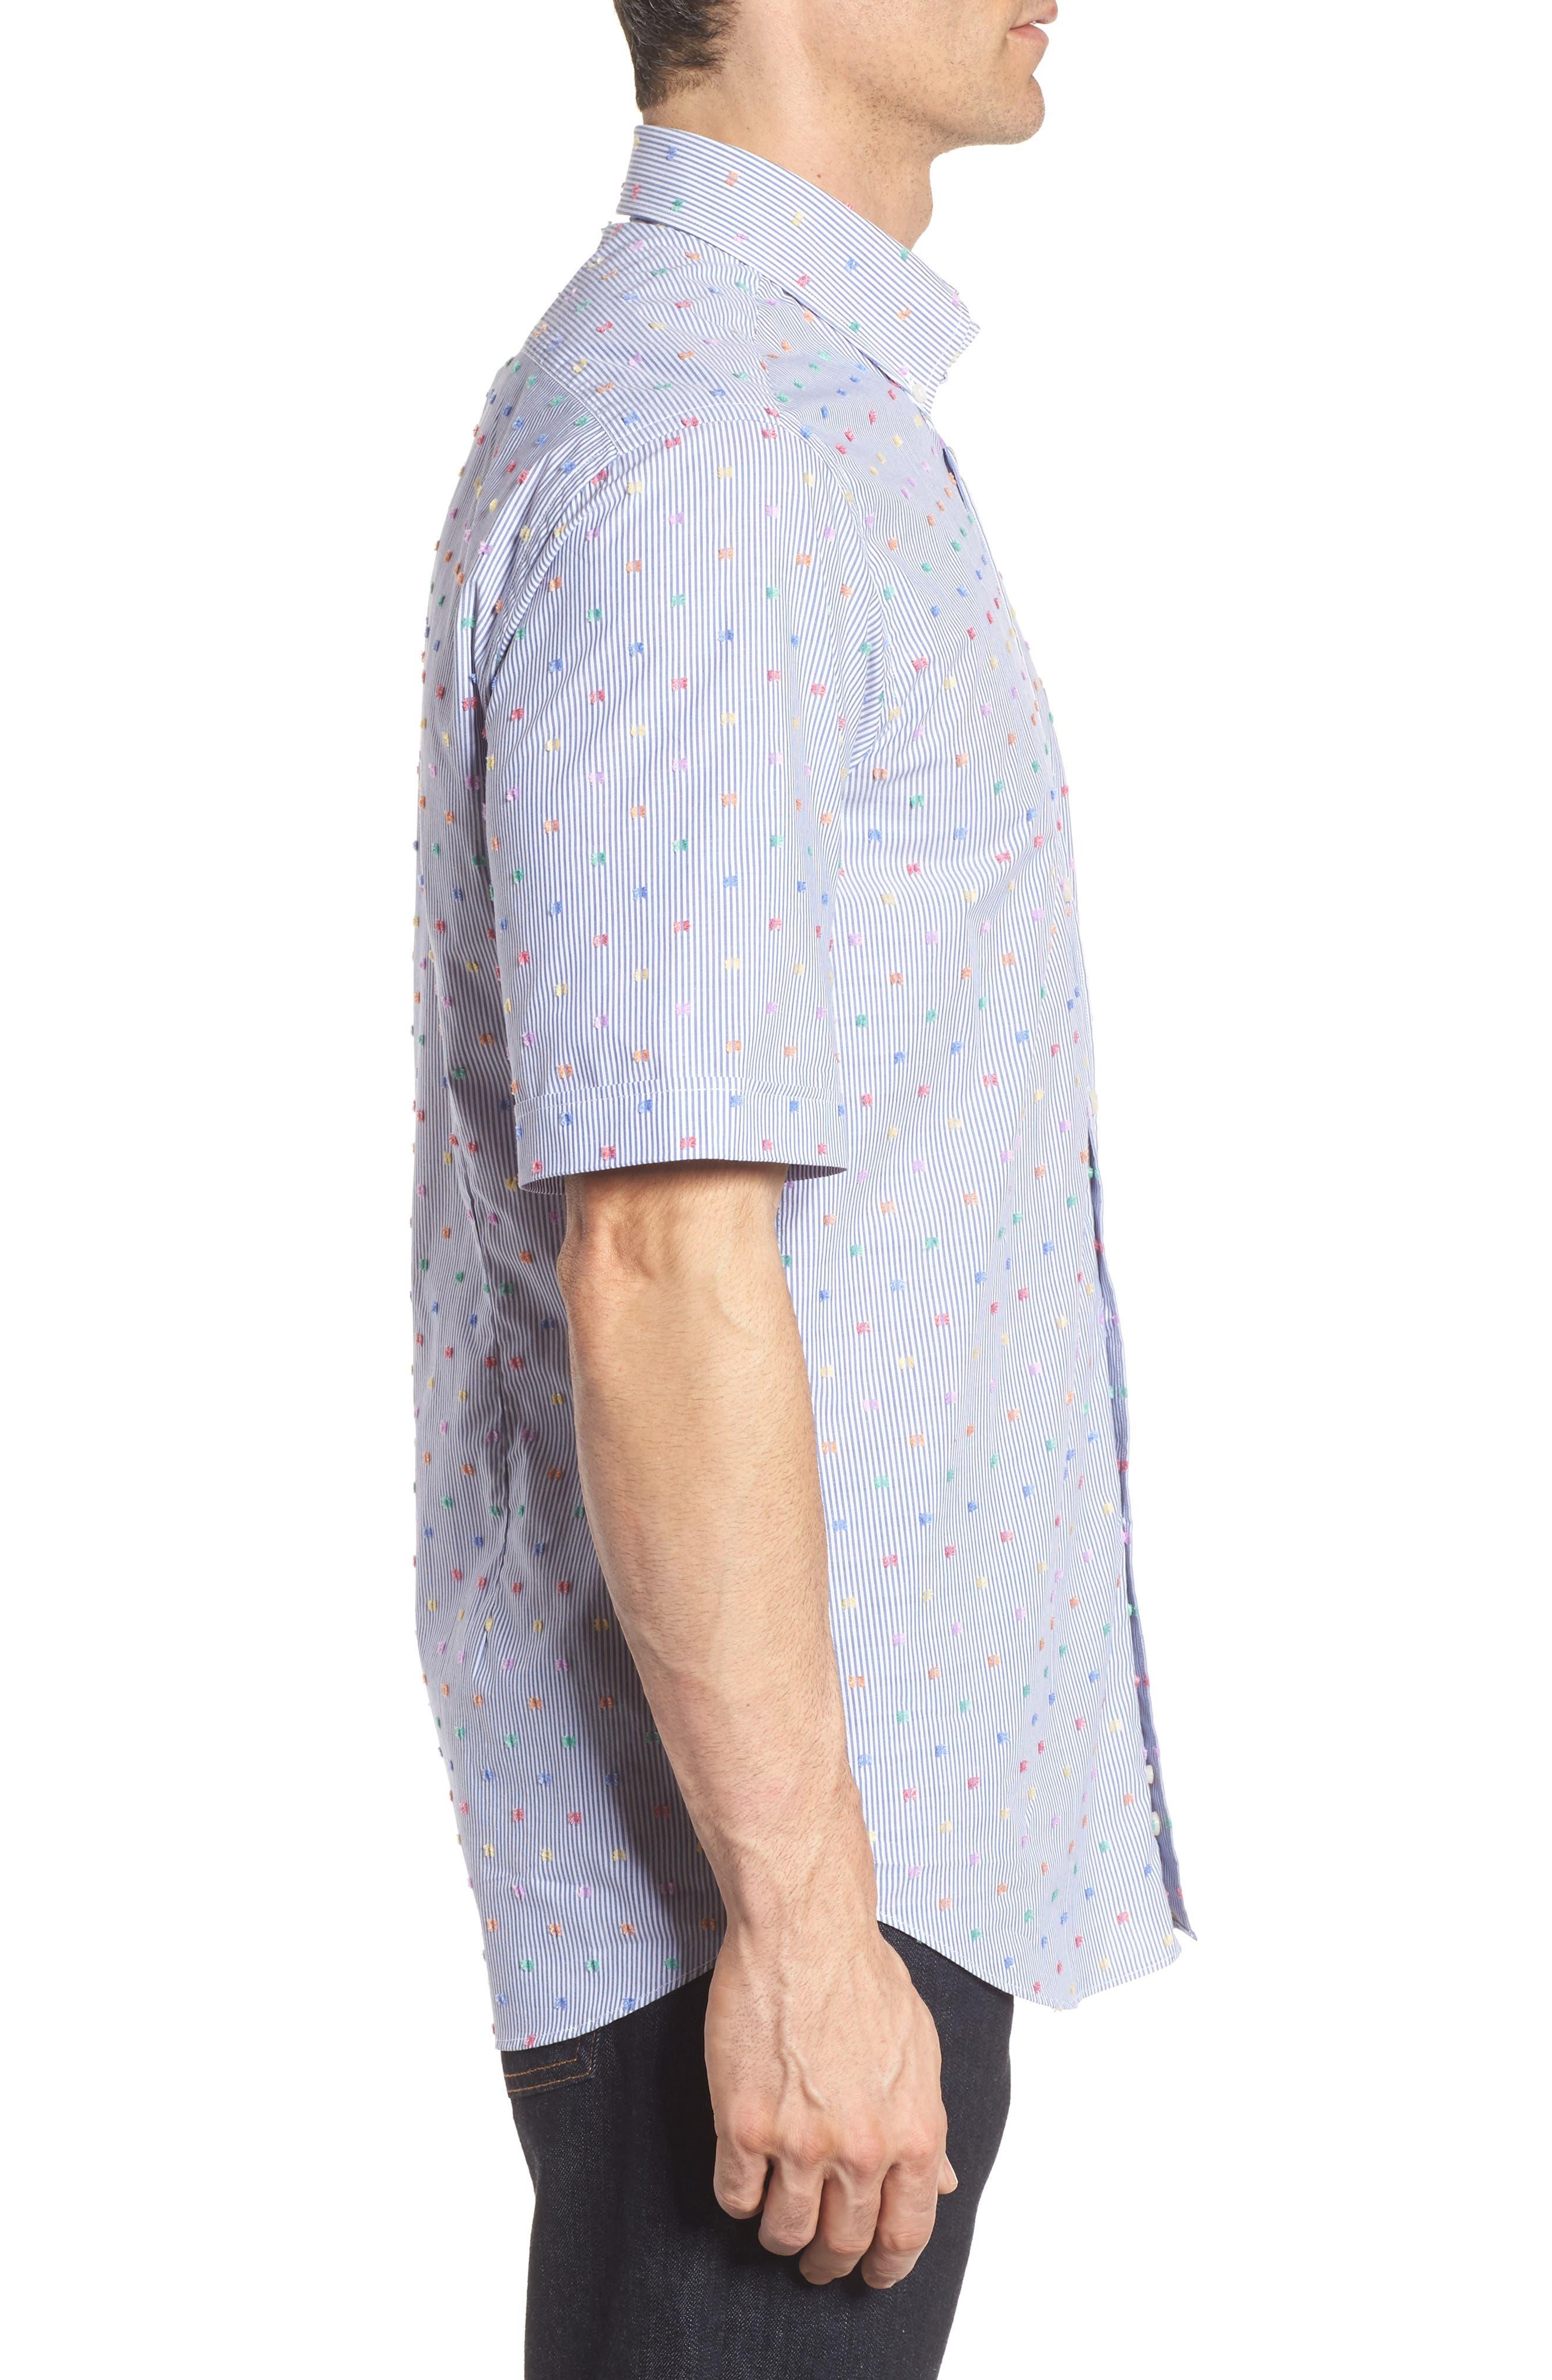 Paul&Shark Fin Stripe Sport Shirt,                             Alternate thumbnail 3, color,                             Blue/ White/ Multi